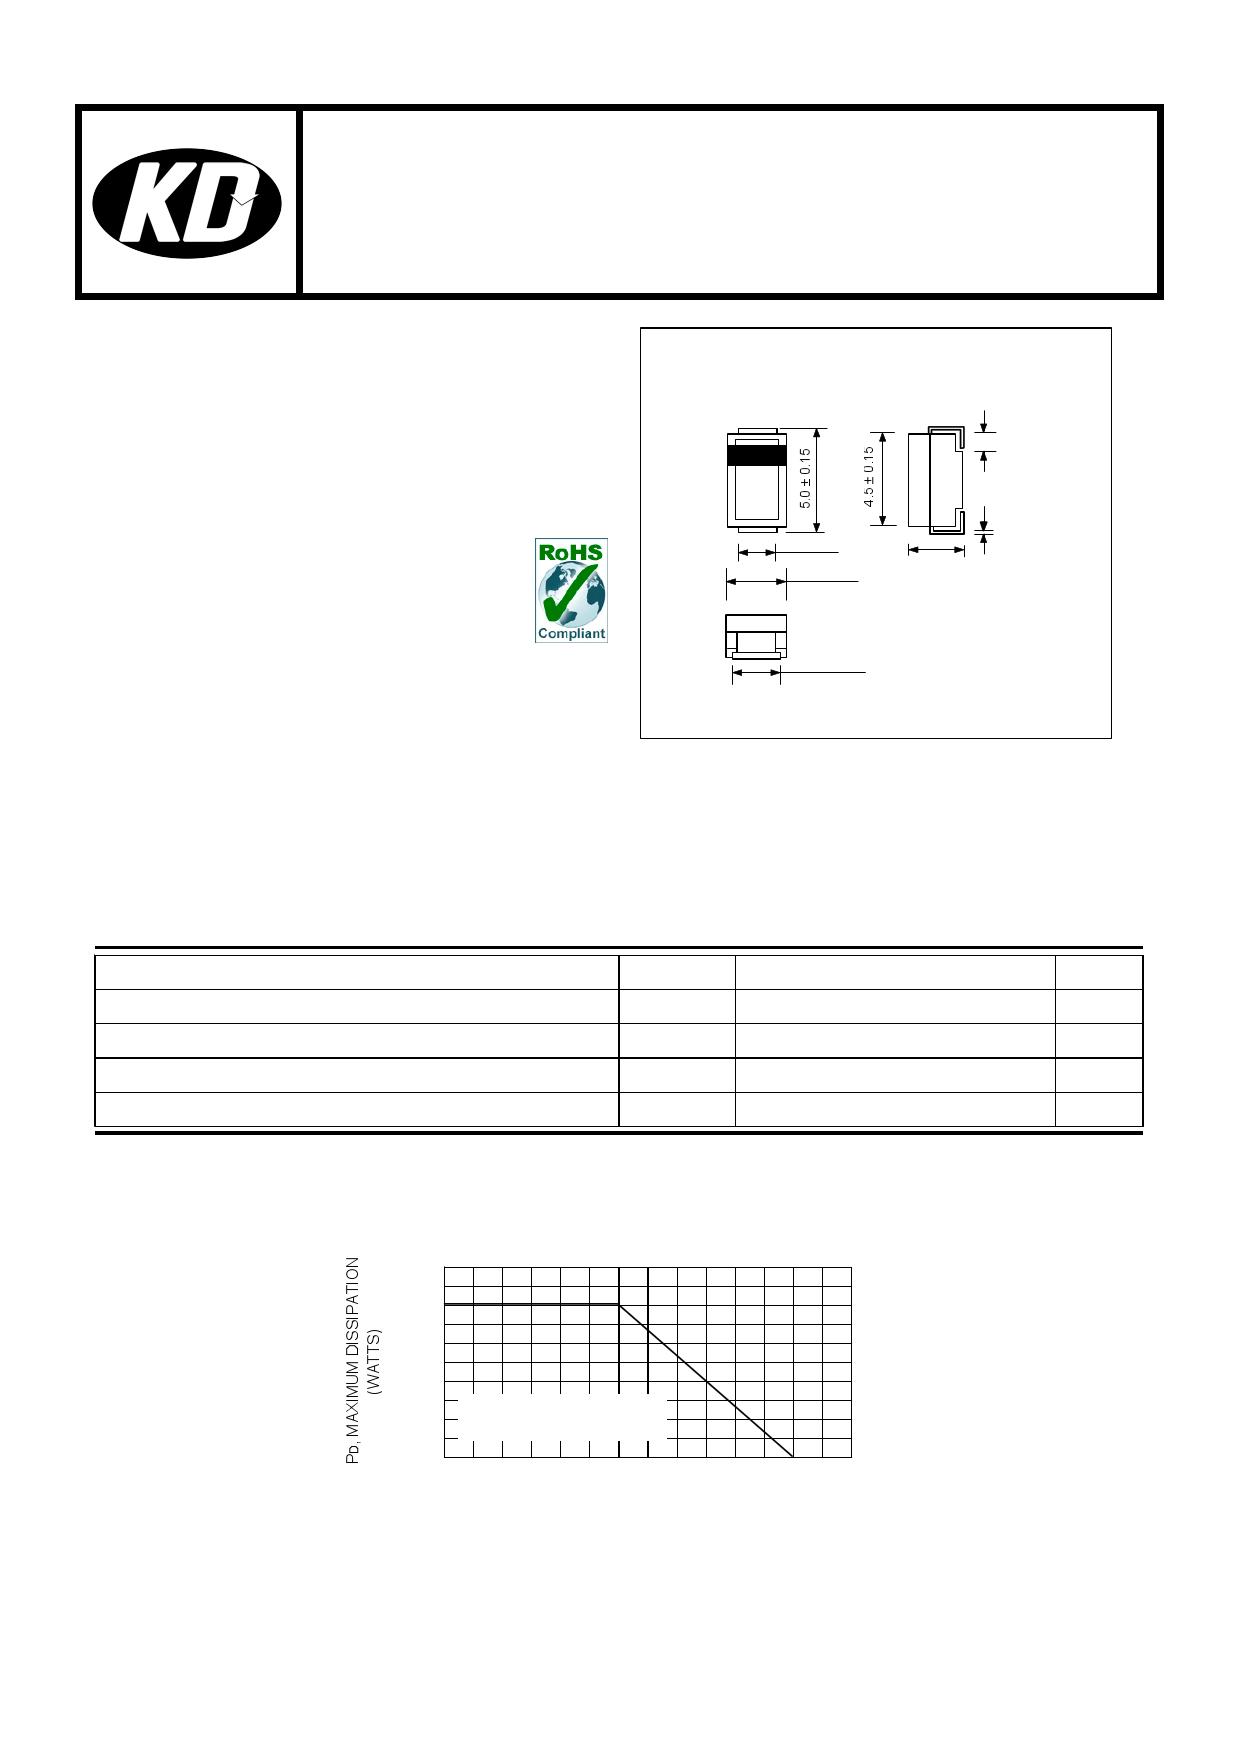 SZ40D0 datasheet pinout pdf